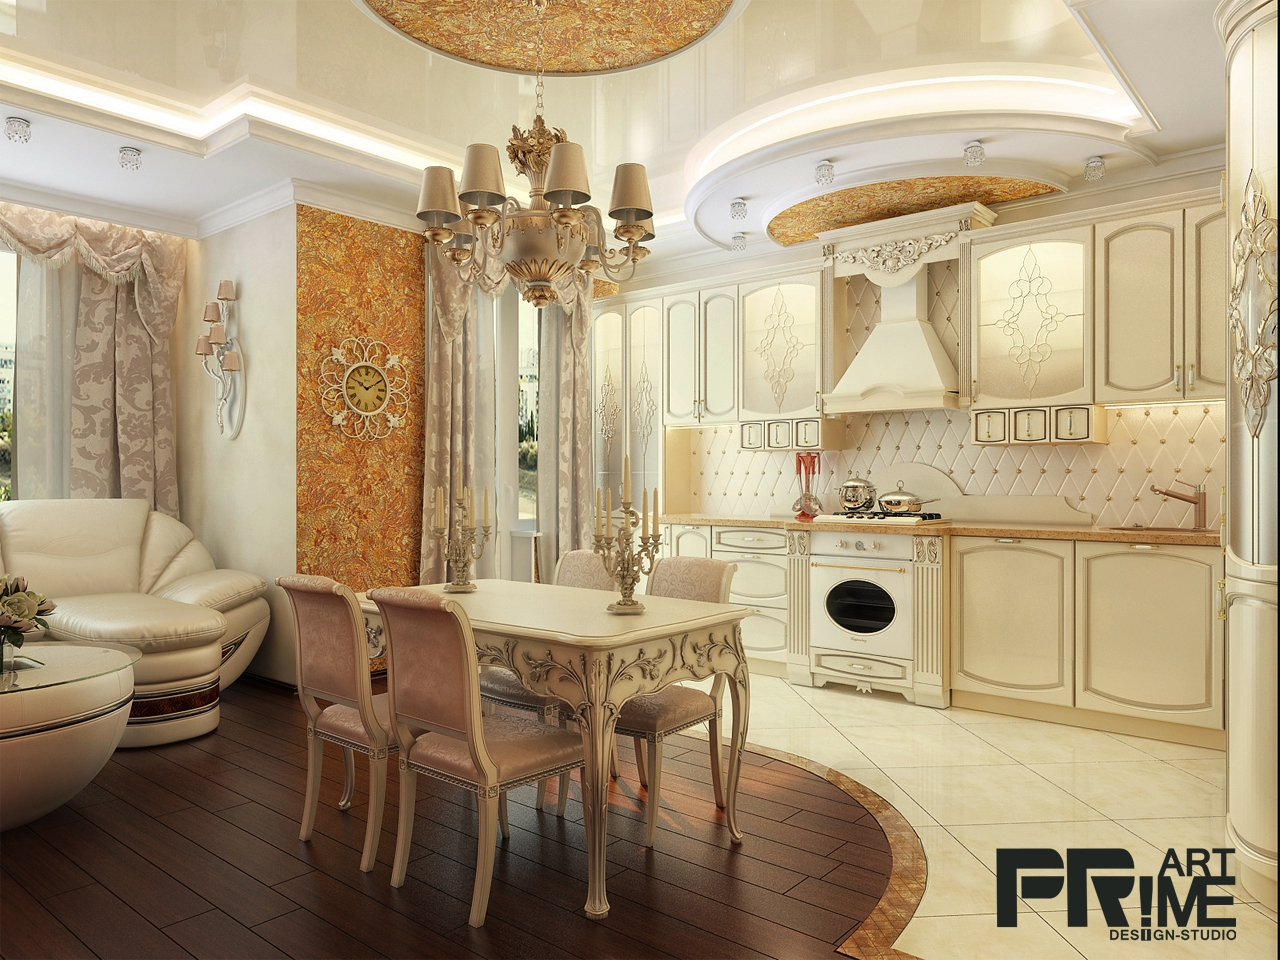 Кухня-студия фото дизайн интерьера в современной классике